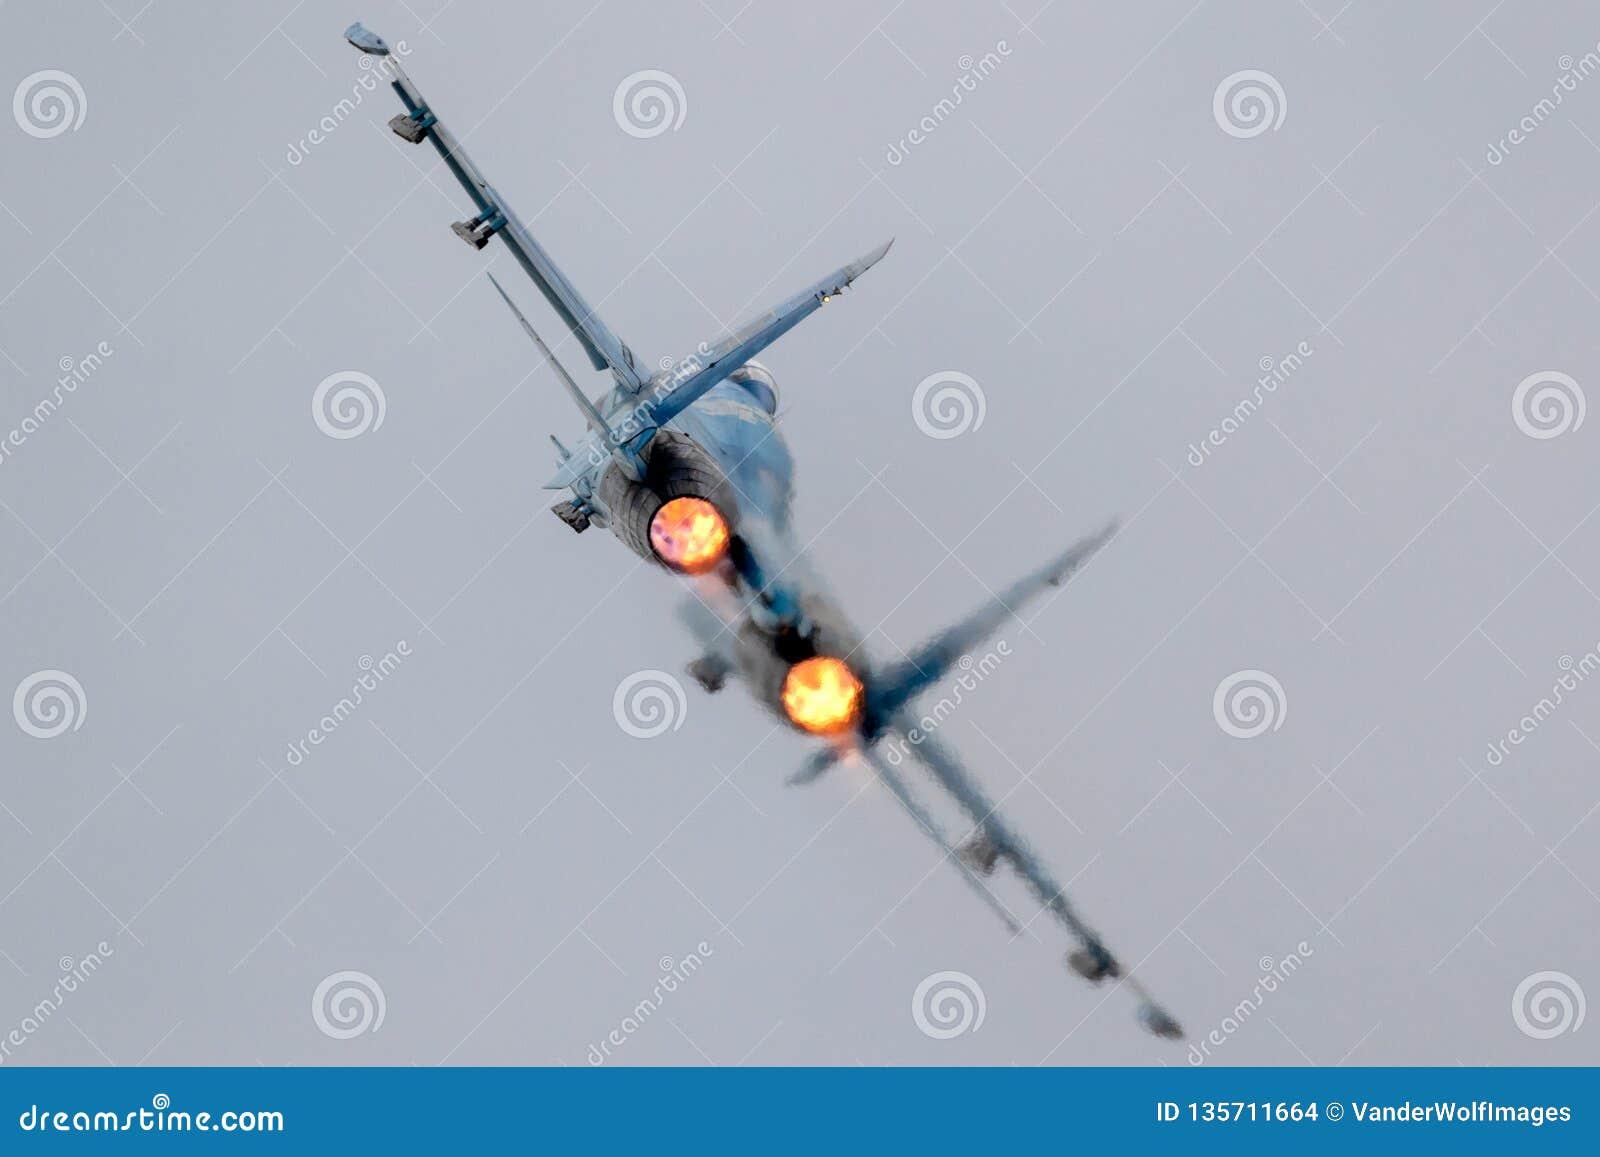 Dispositivo de pós-combustão completo do avião de combate para decolar